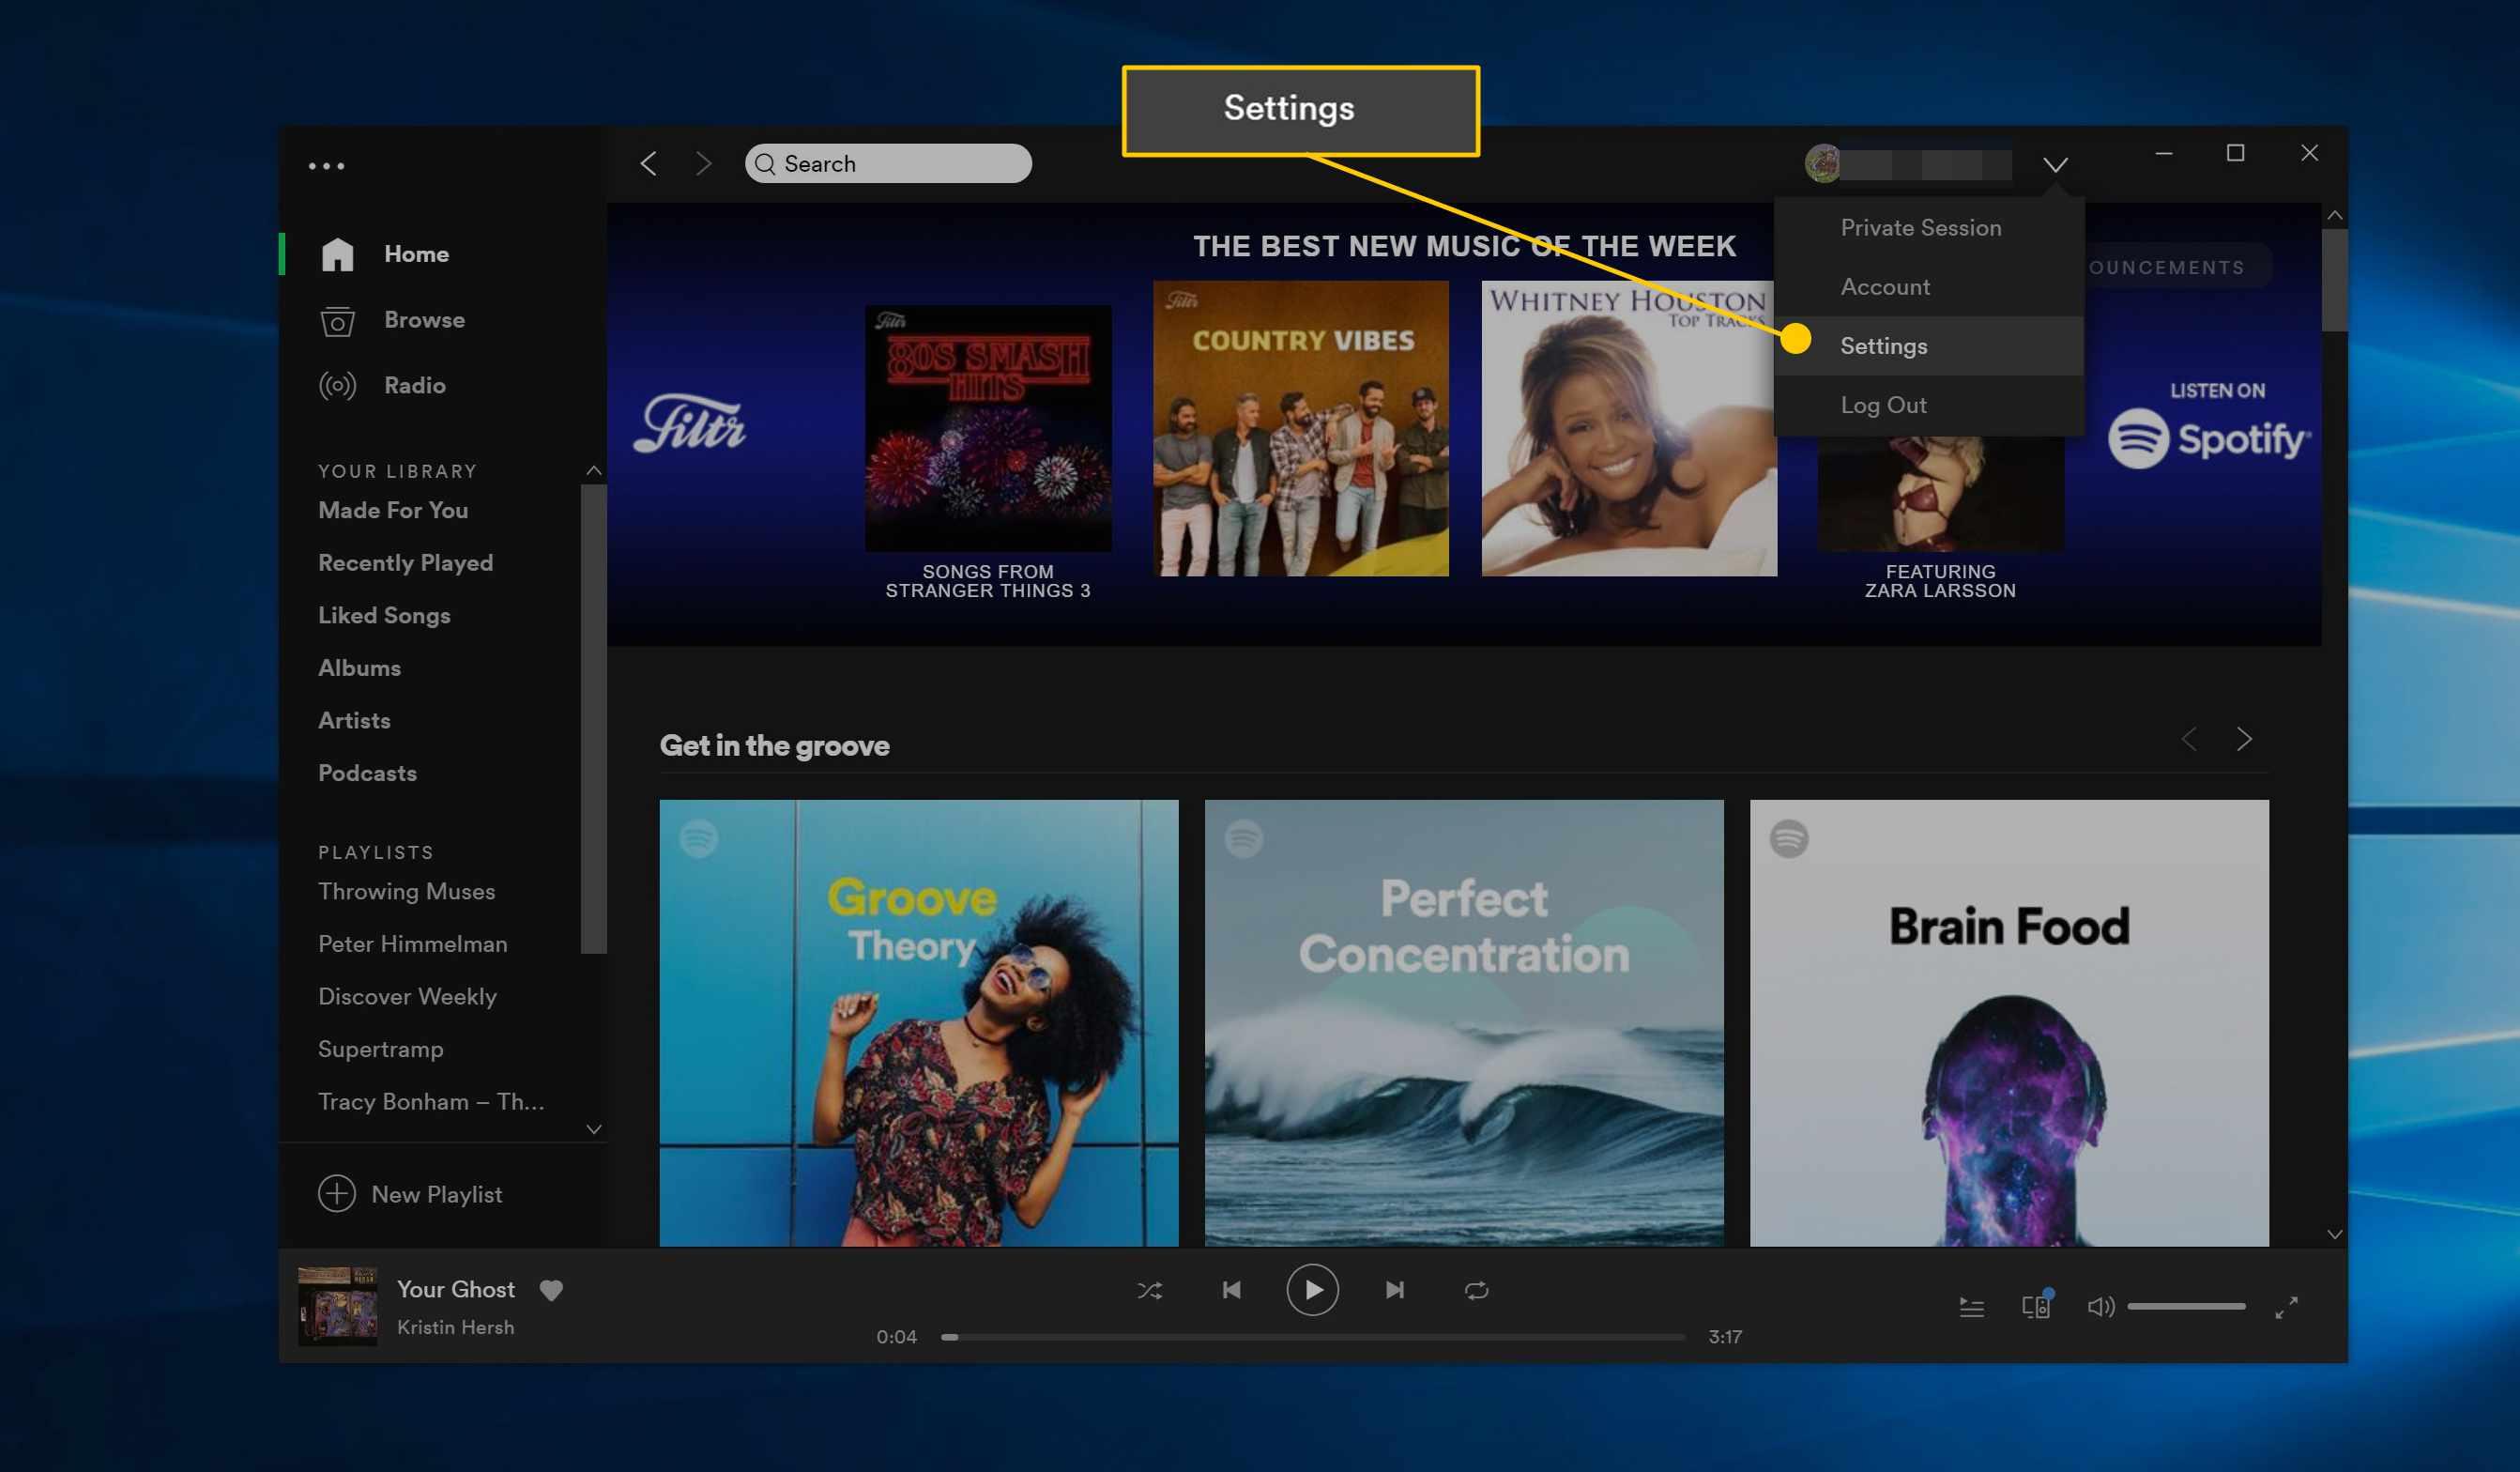 Settings menu item in Spotify